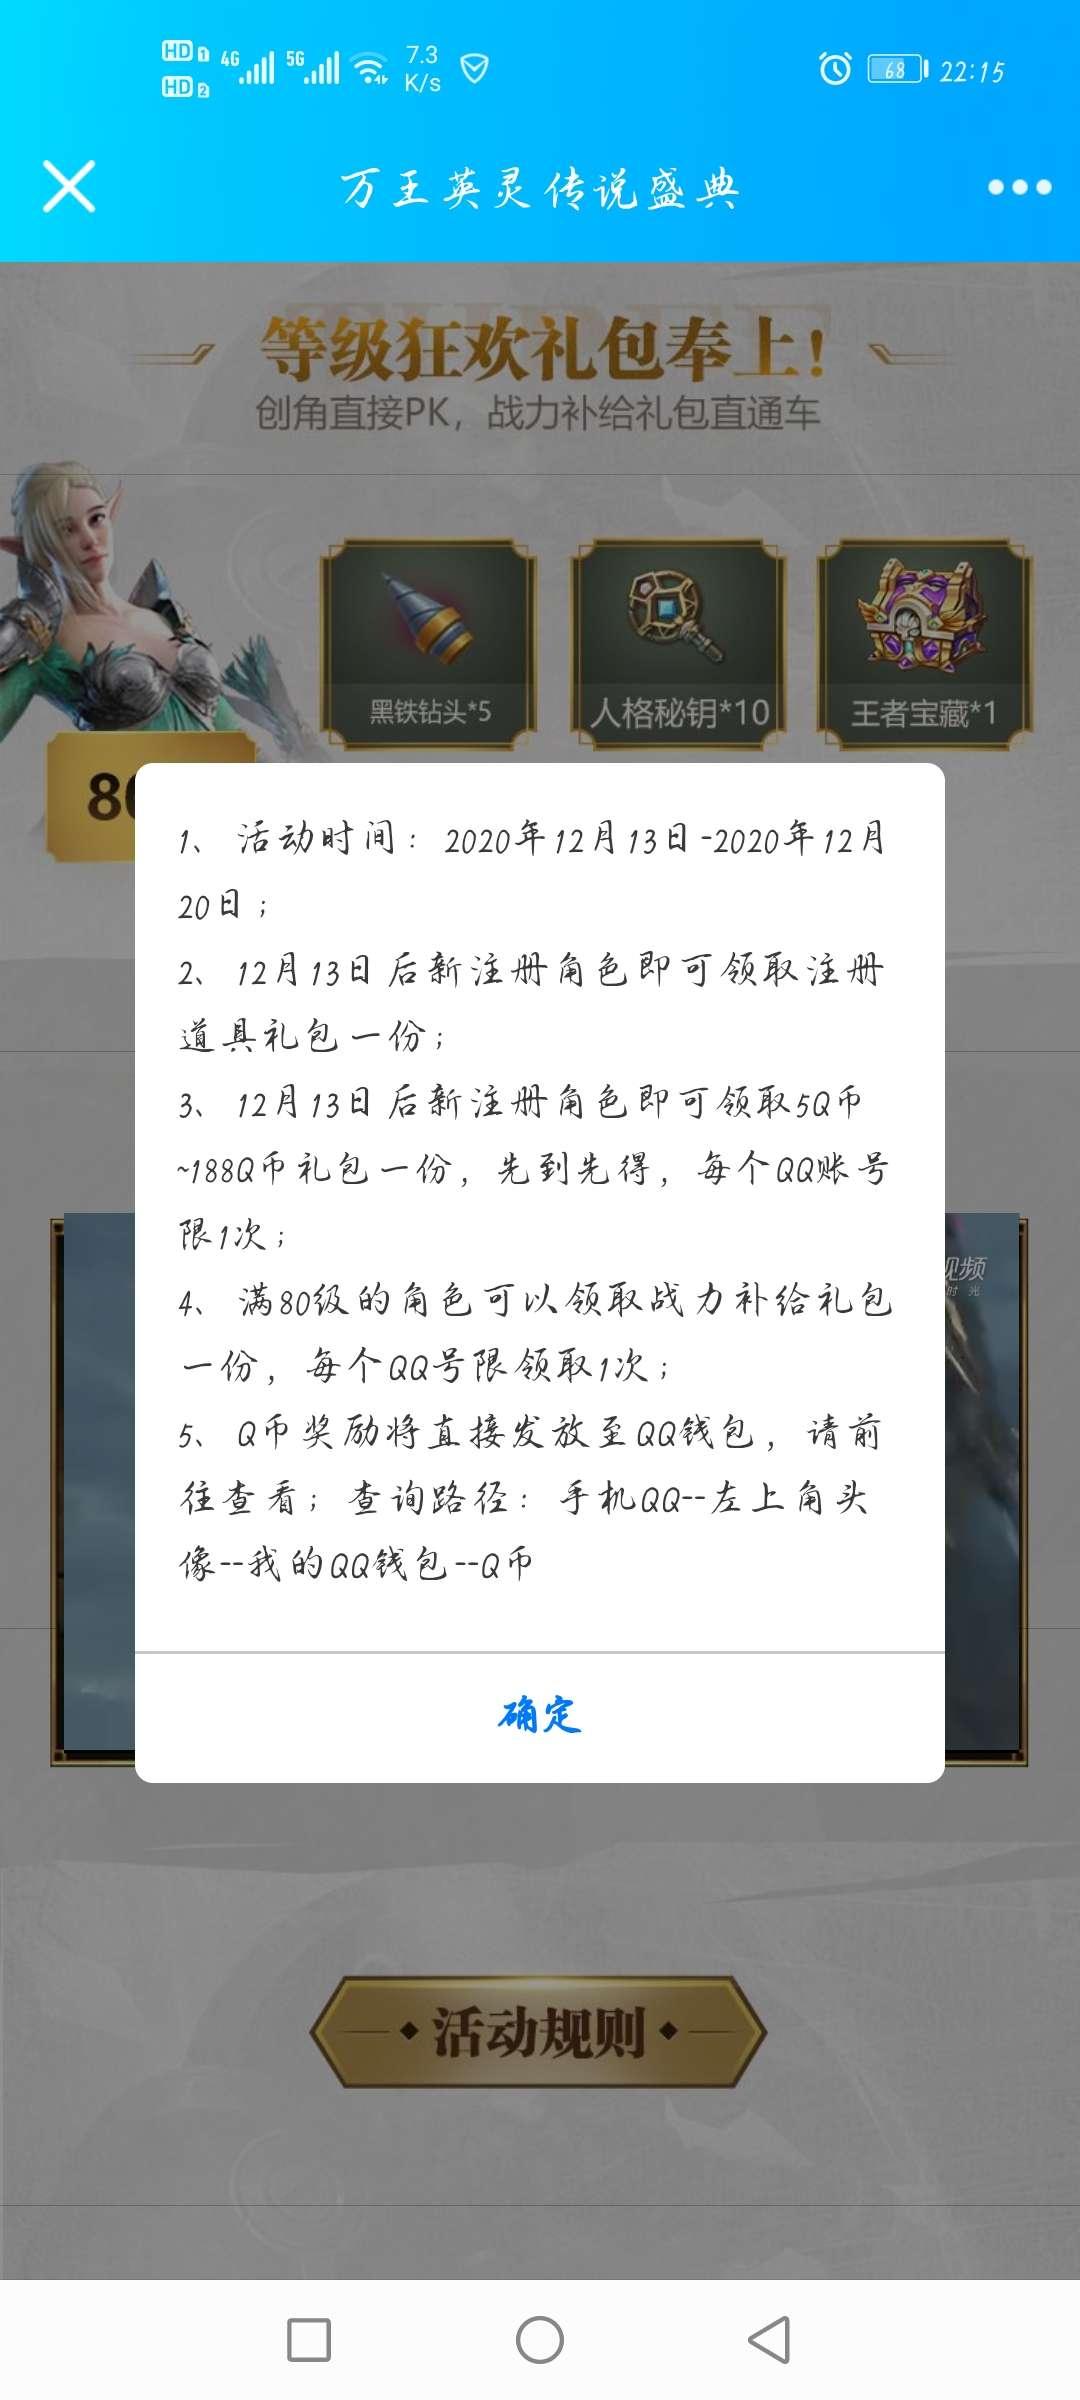 【虚拟物品】万王之王注册领5-188QB-聚合资源网